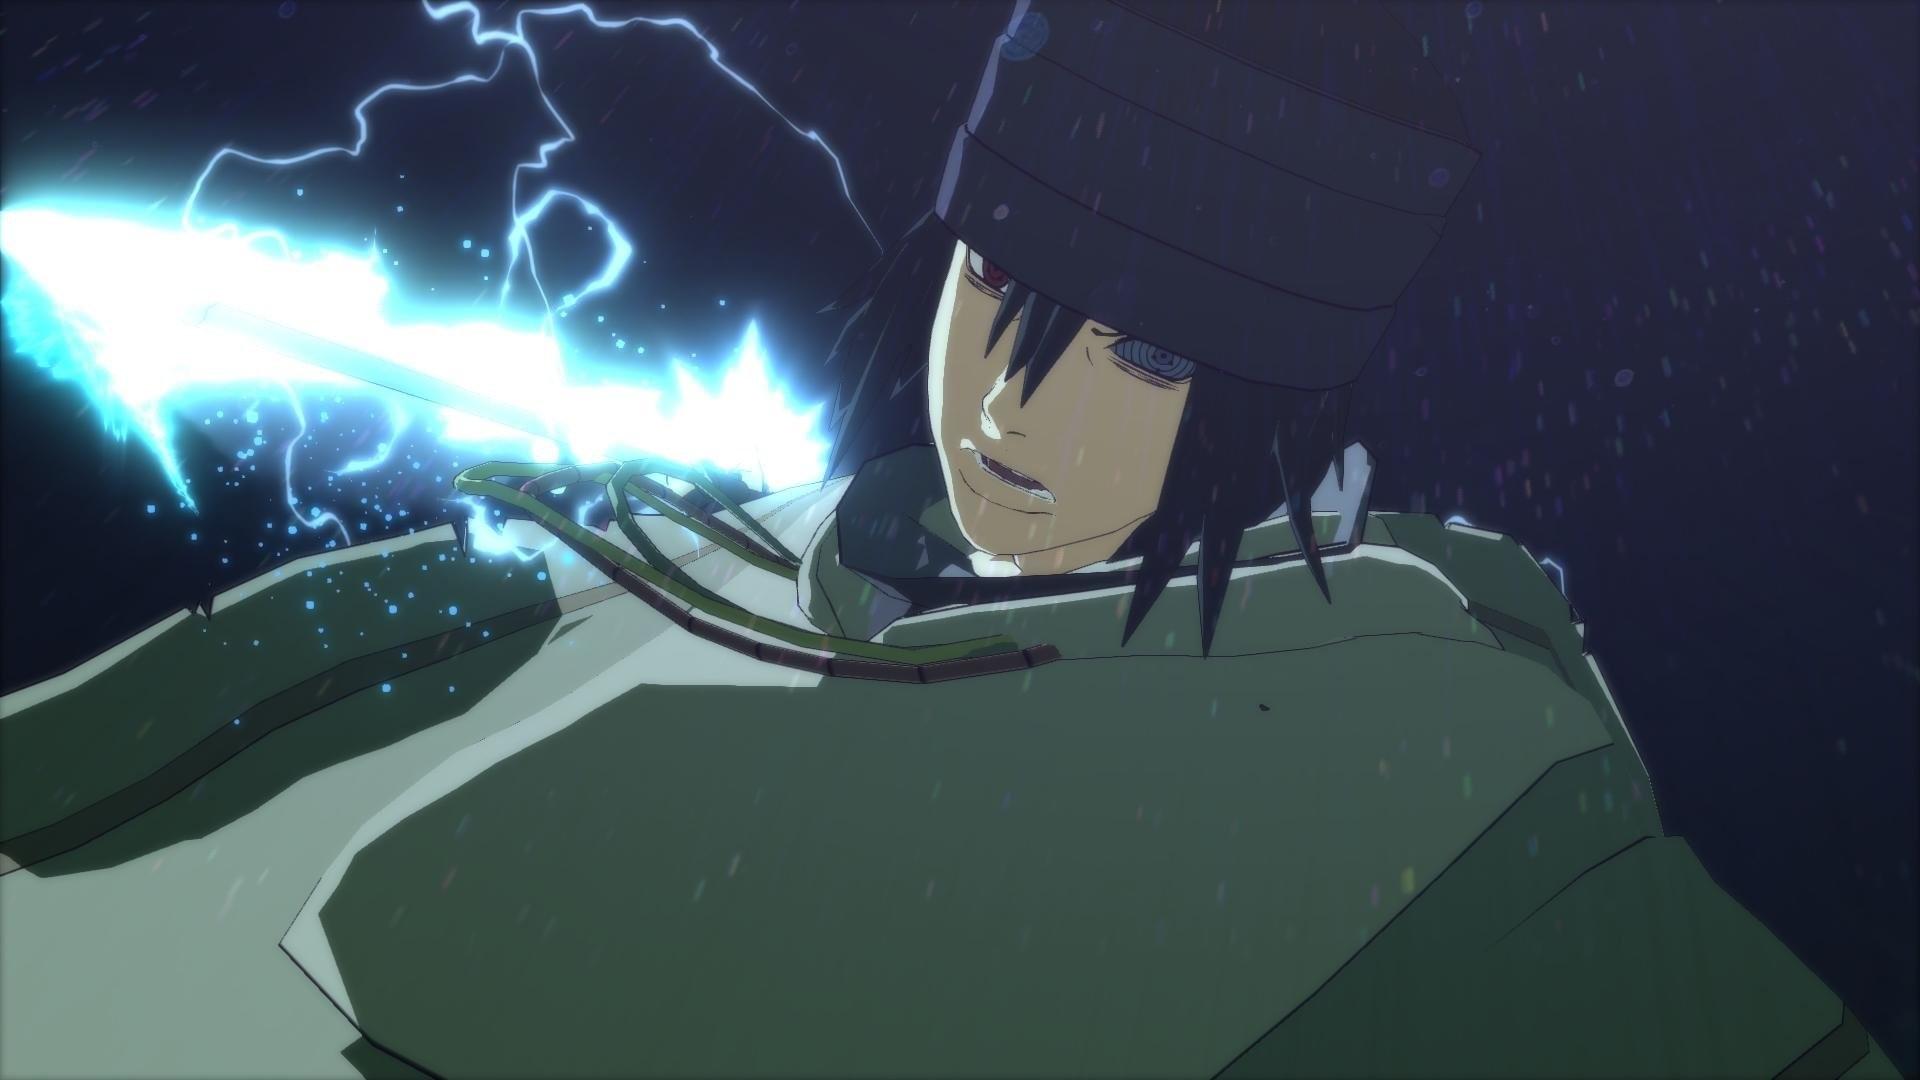 Sasuke Uchiha Hd Wallpaper 64 Images